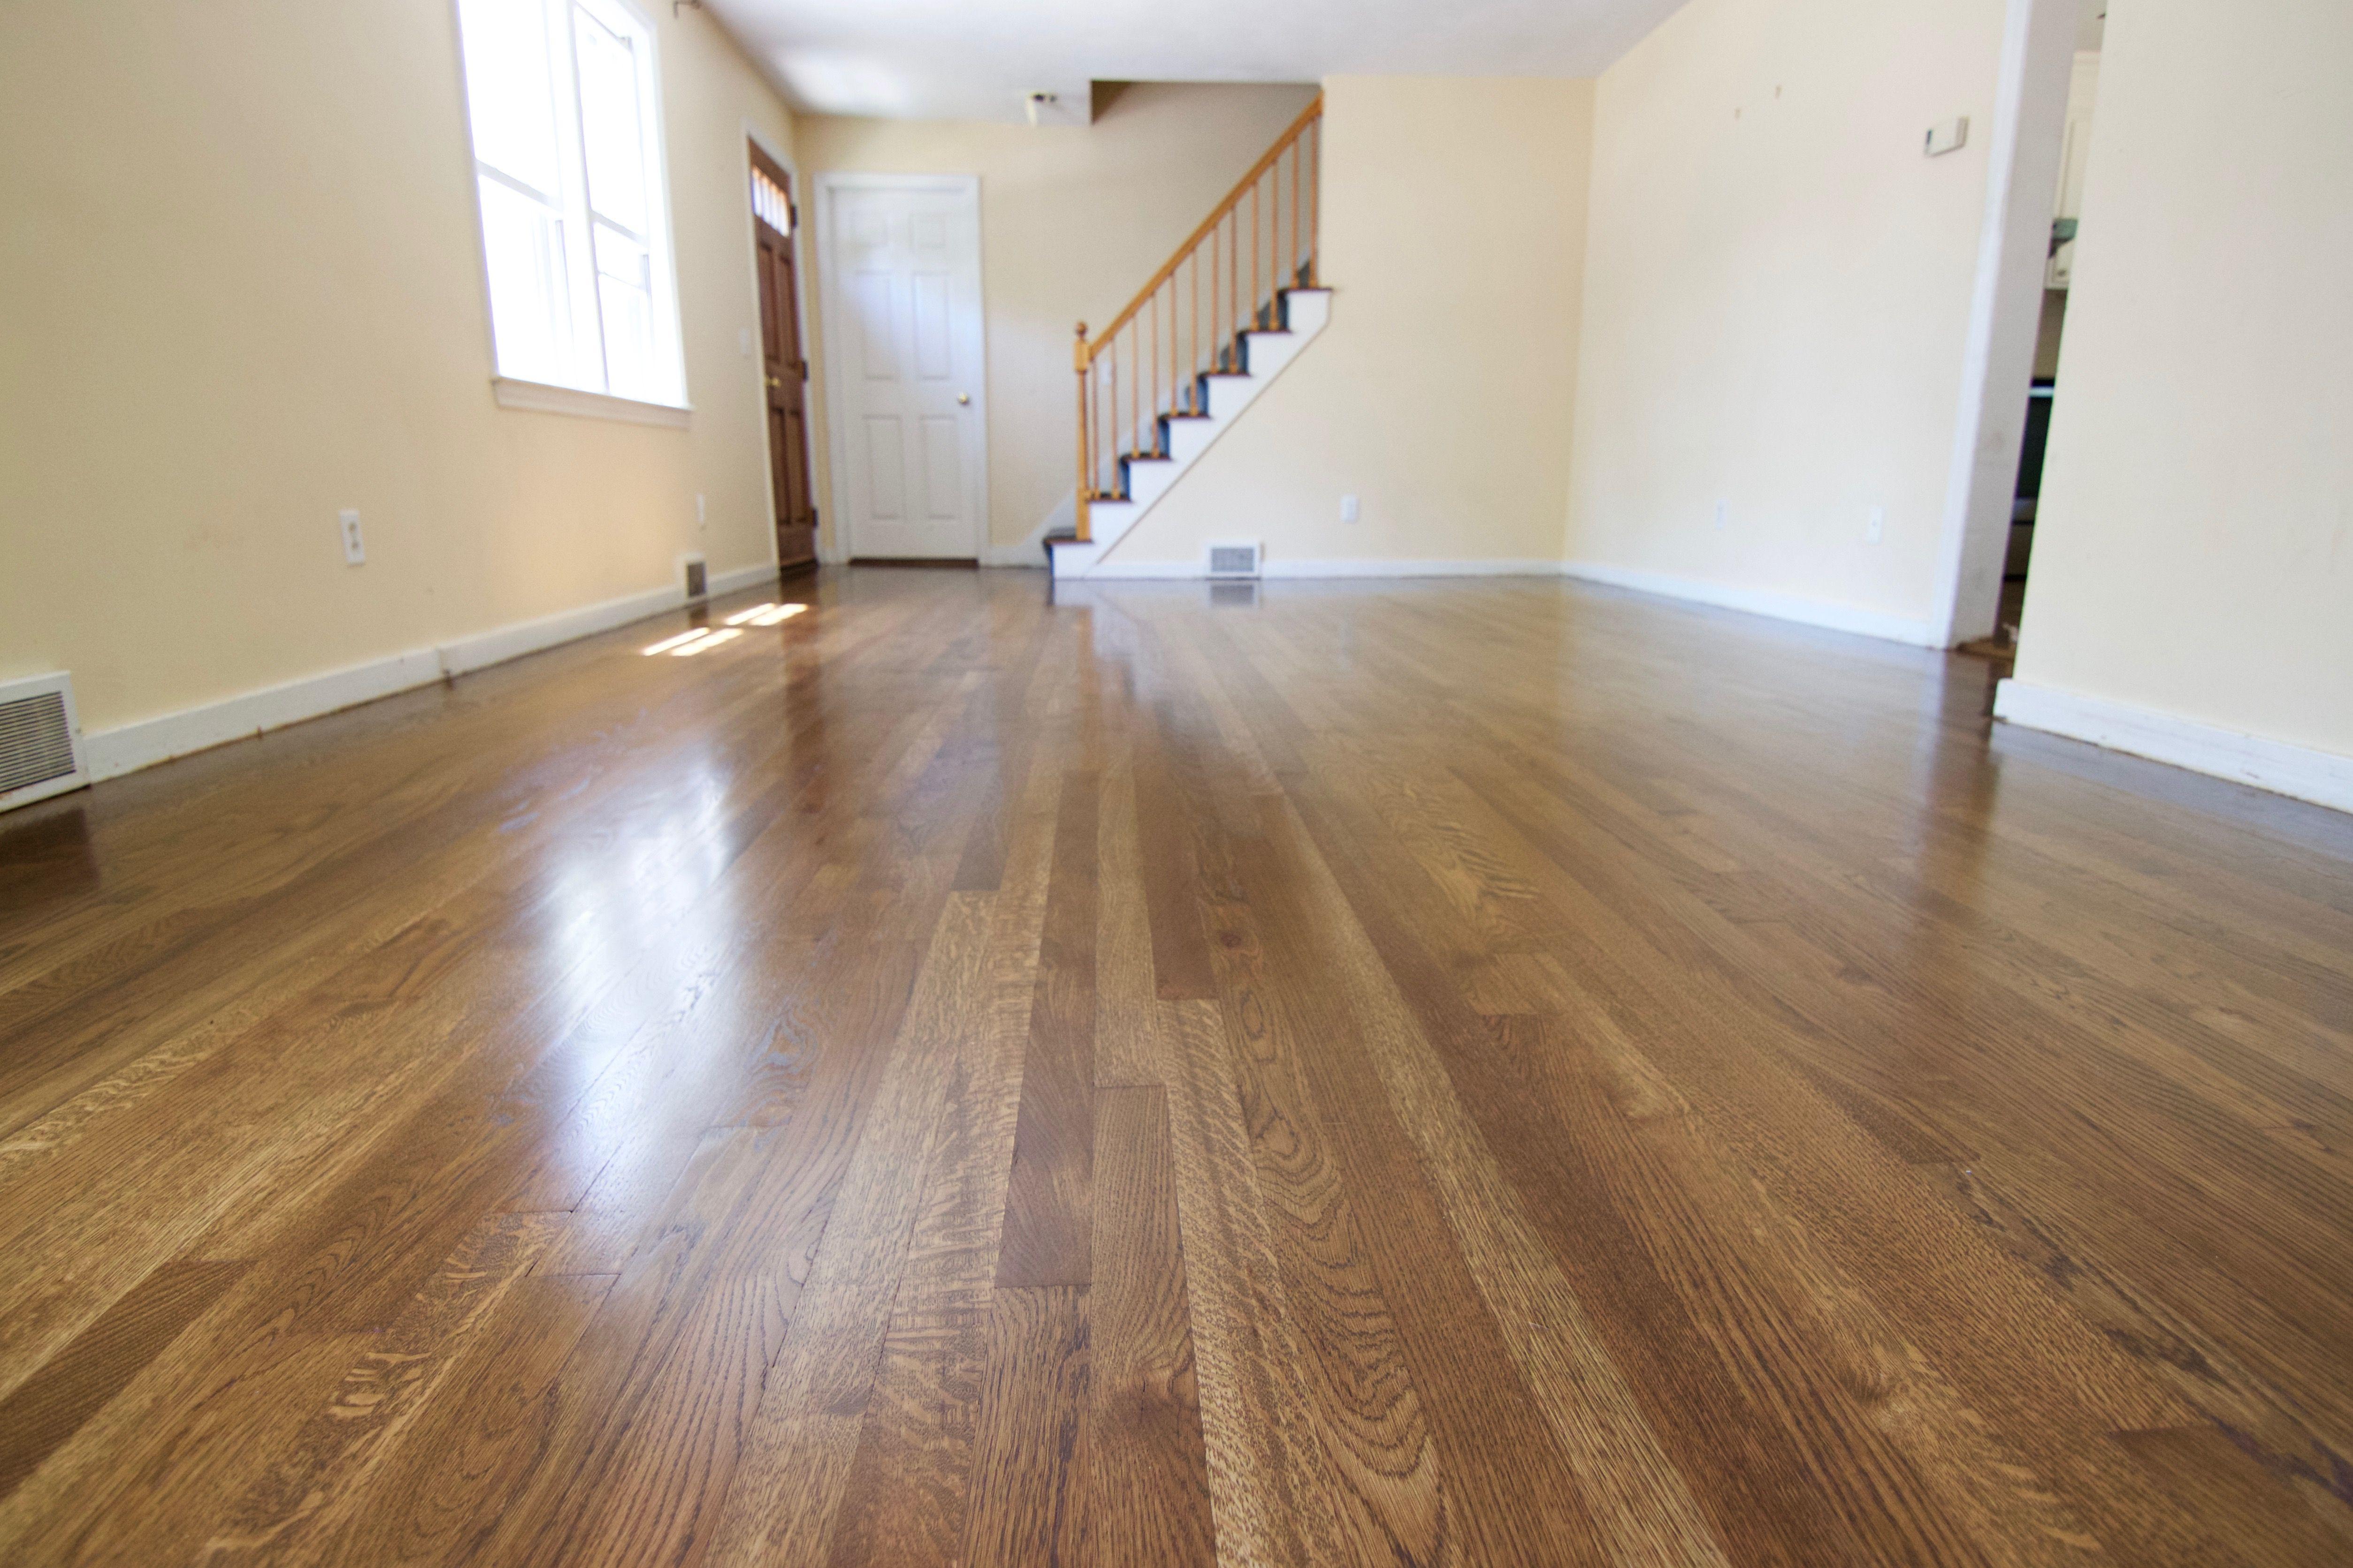 hh hardwood floors of floor buckling floor in hardwood floor podemosleganes floor buckling fast floors home design